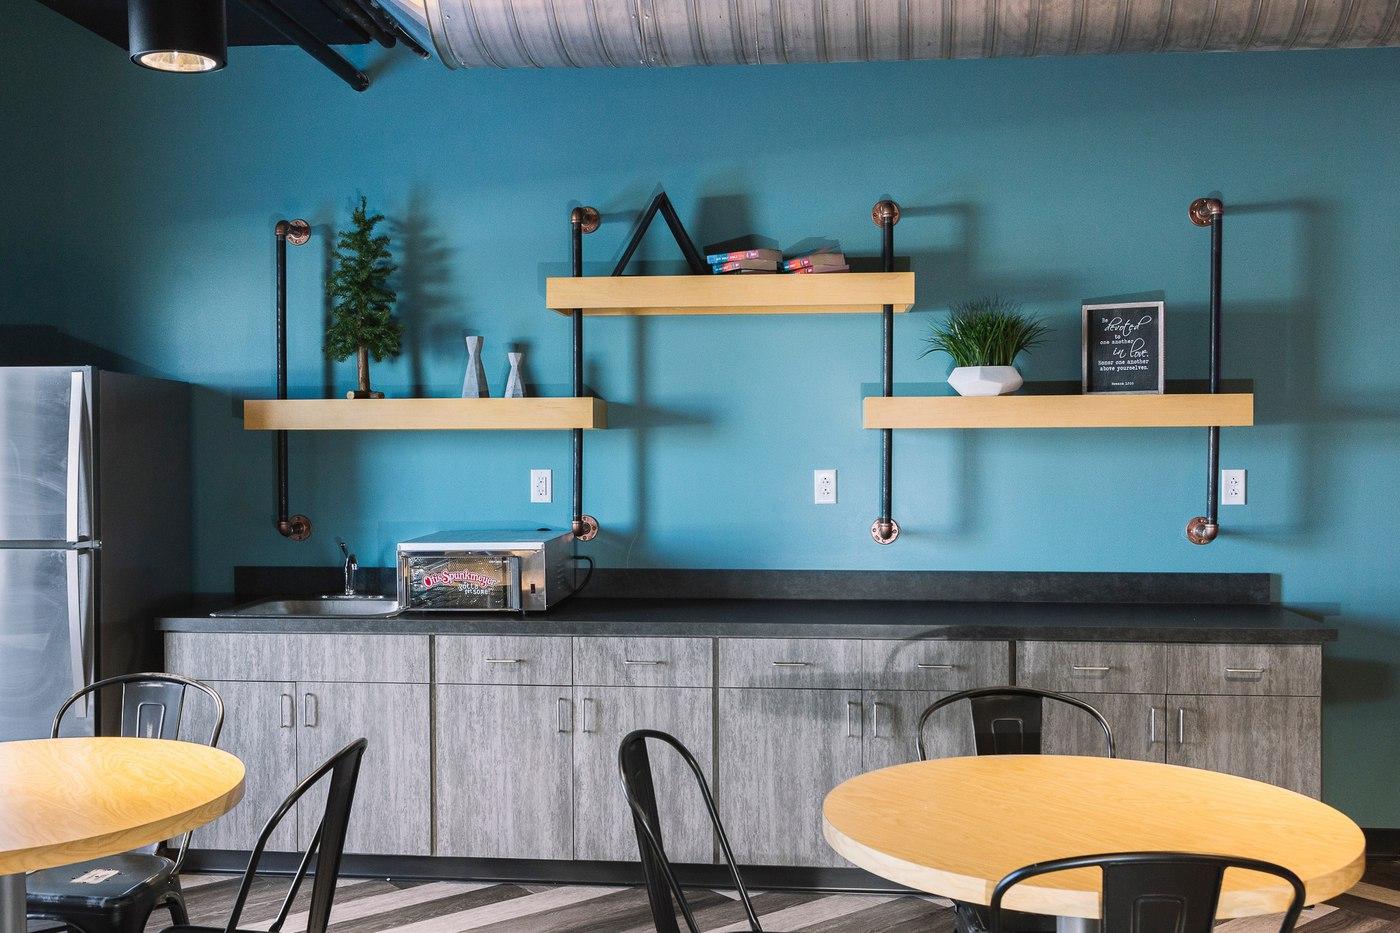 west-bridge-aspen-group-kitchen-cafe